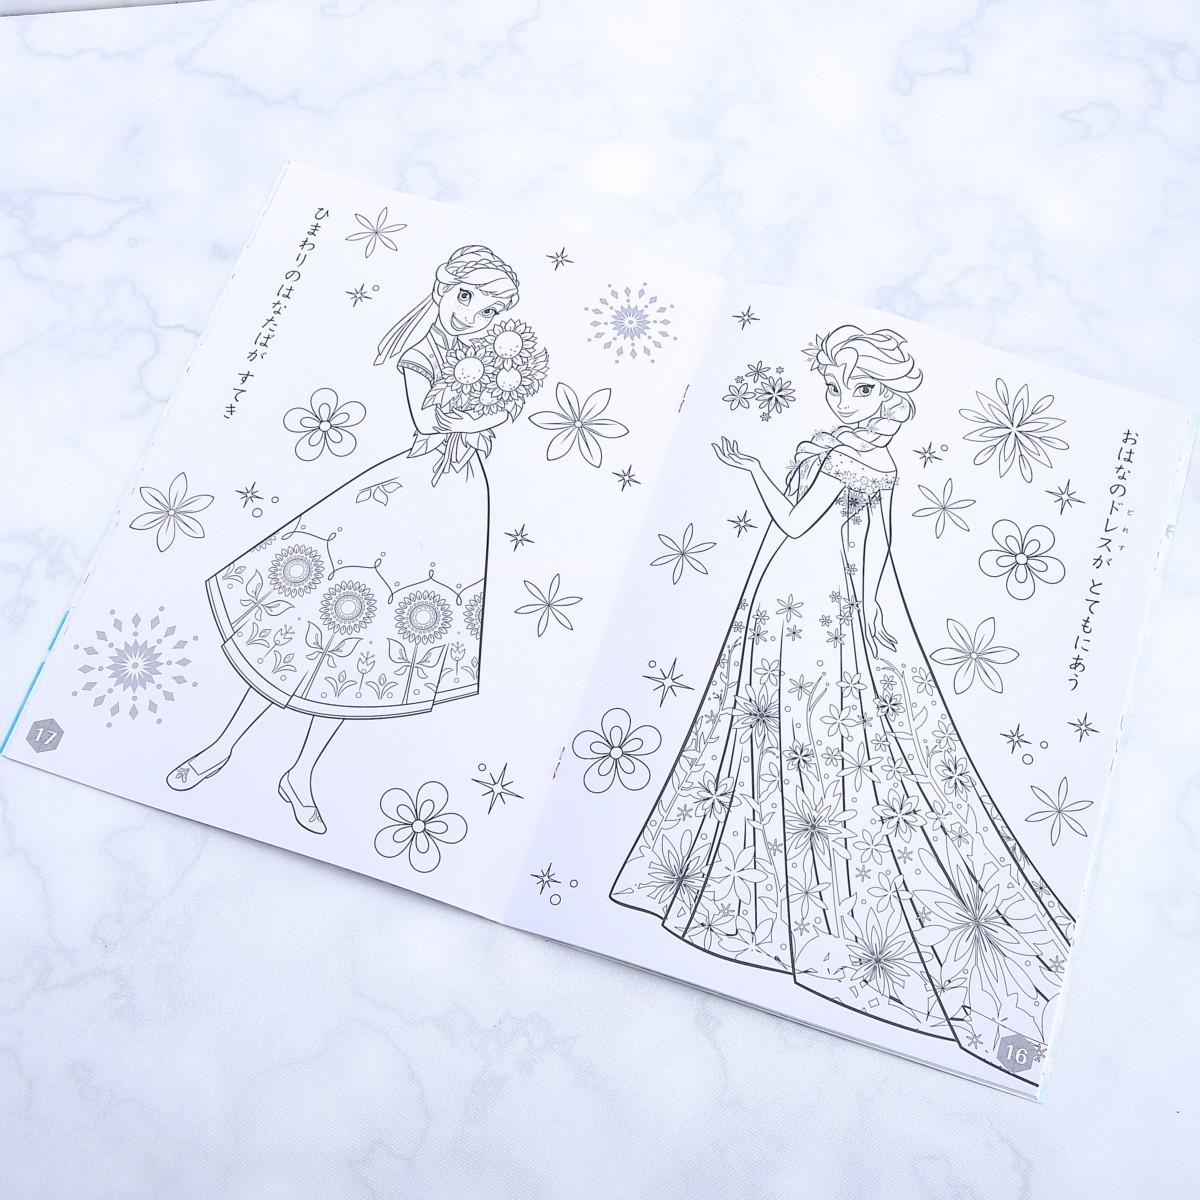 B5ぬりえ 絵柄 かわいいアナと優雅なエルサがいっぱいサンスター文具